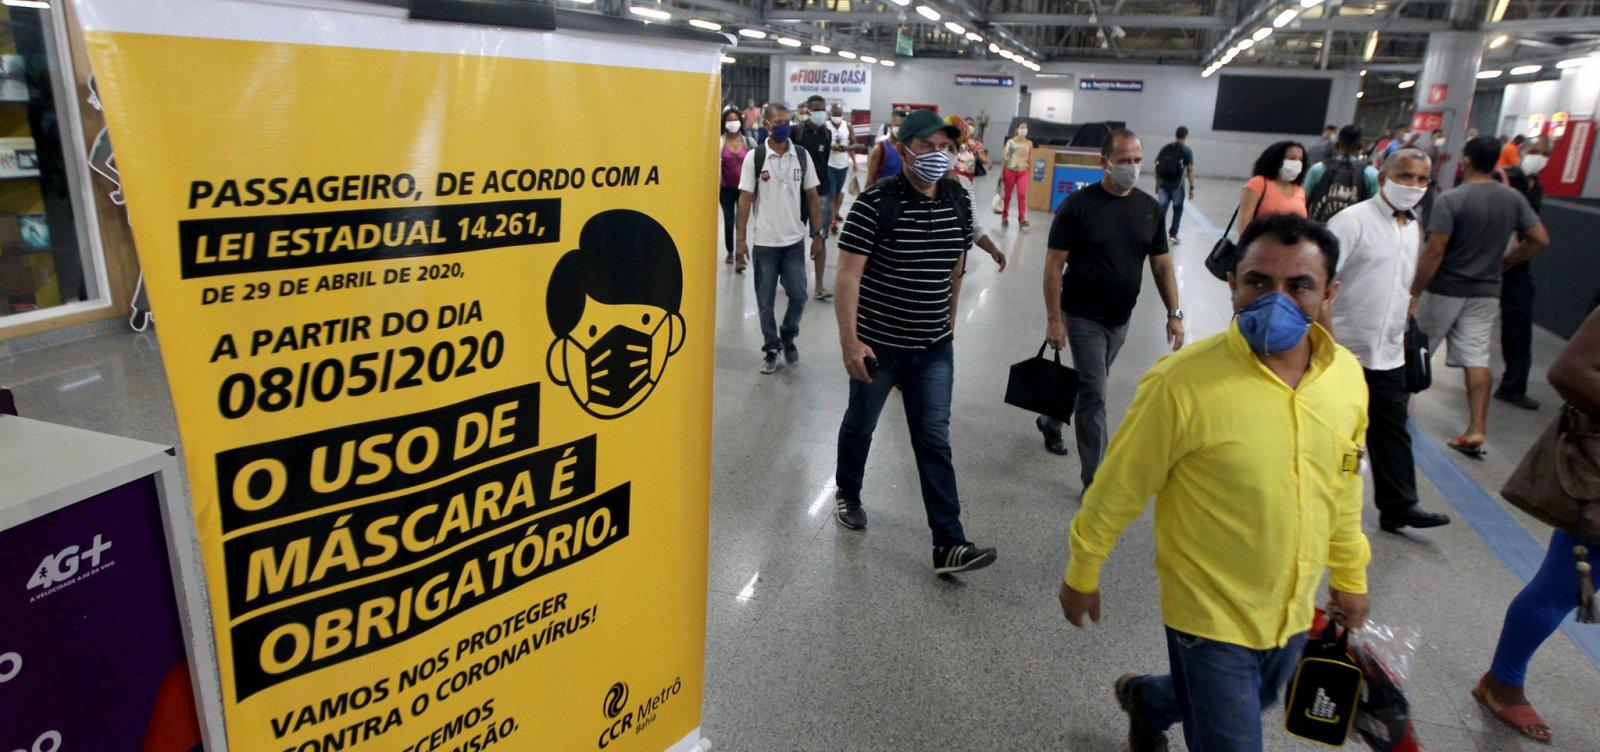 [Bahia determina suspensão de serviços não essenciais privados nesta quinta e sexta]